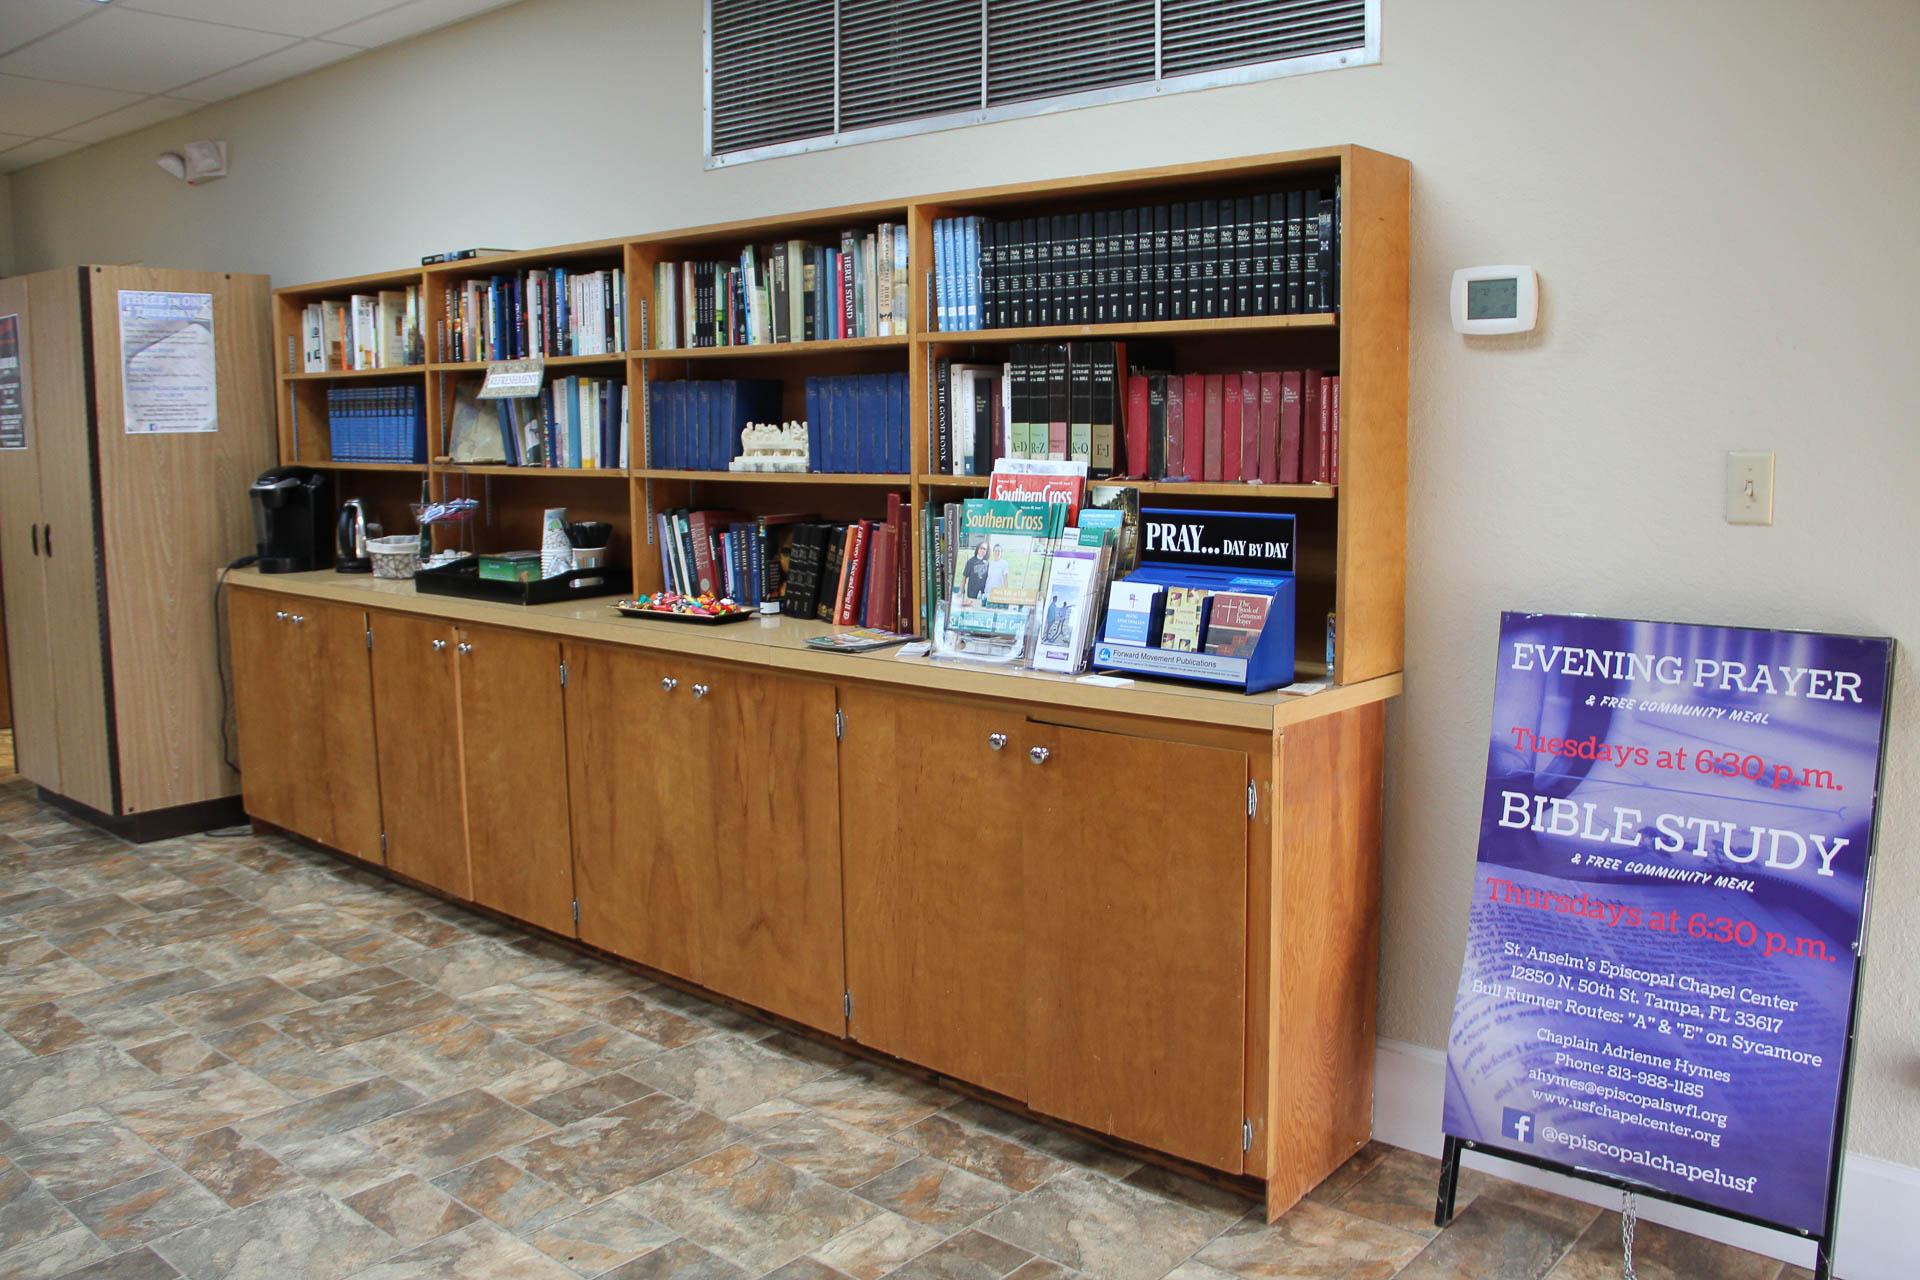 st-anselms-episcopal-center-05